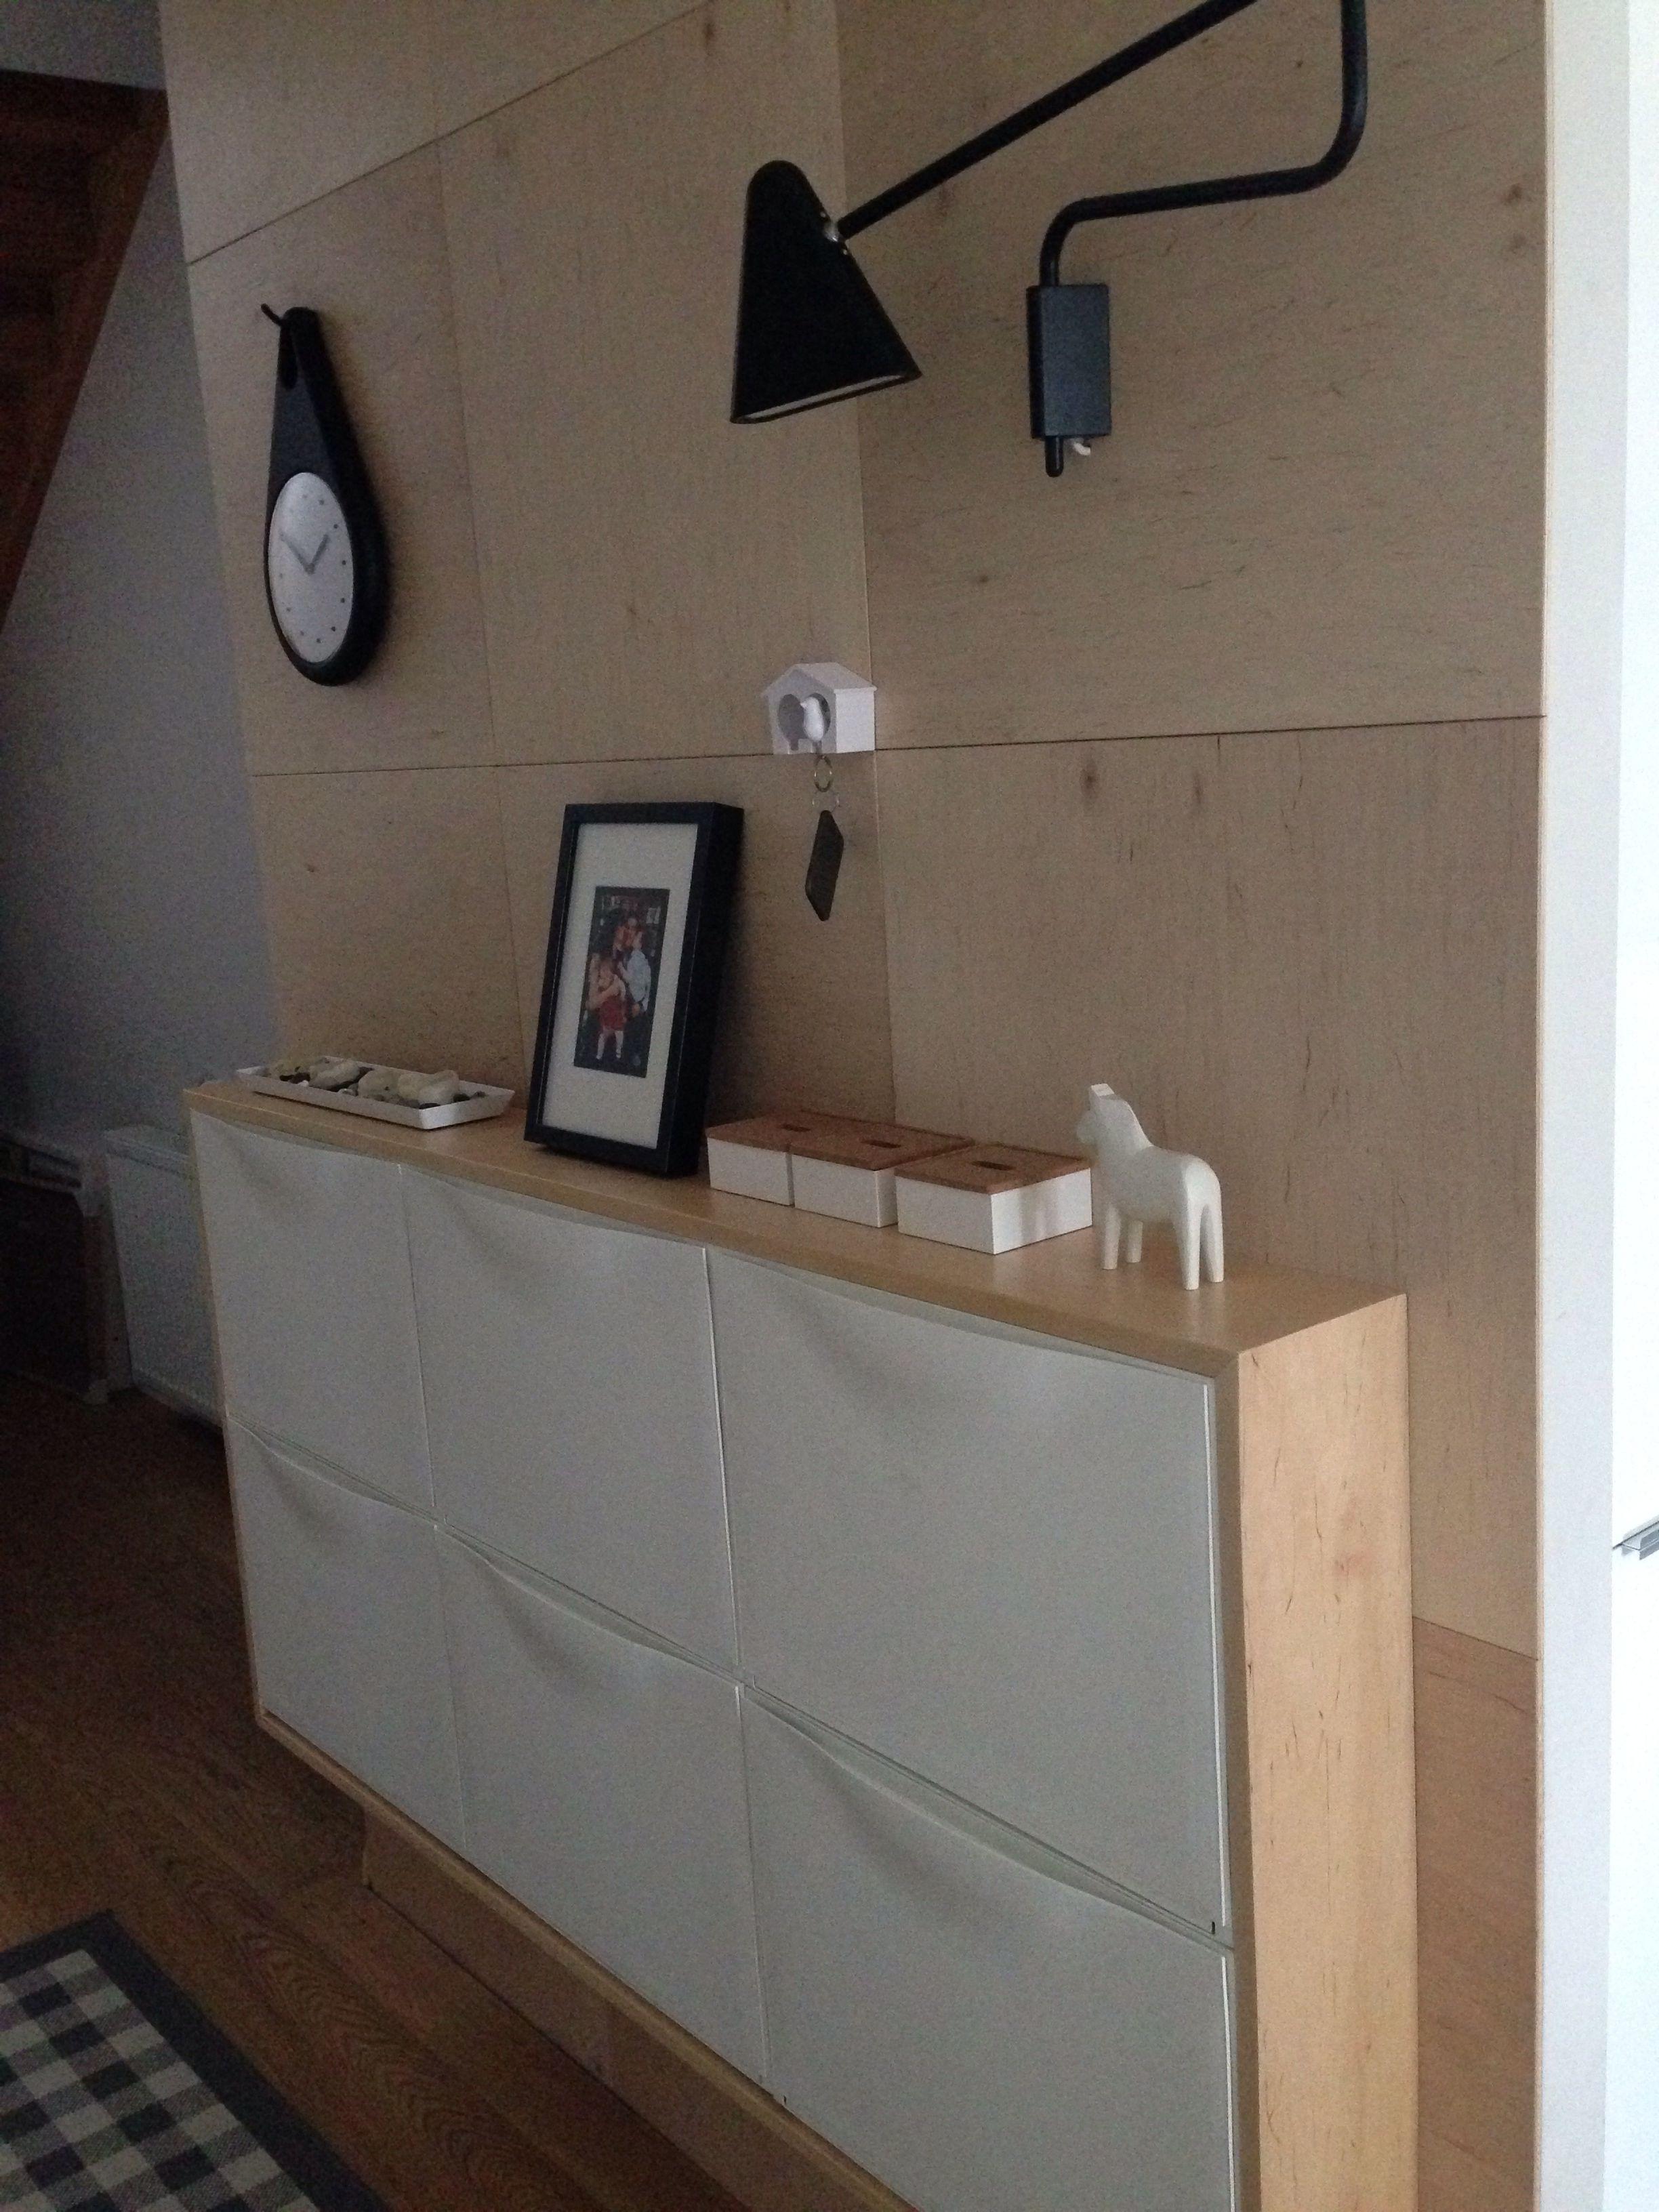 M bel deko objekte die zusammenpassen wohnideen m bel for Deko objekte wohnzimmer